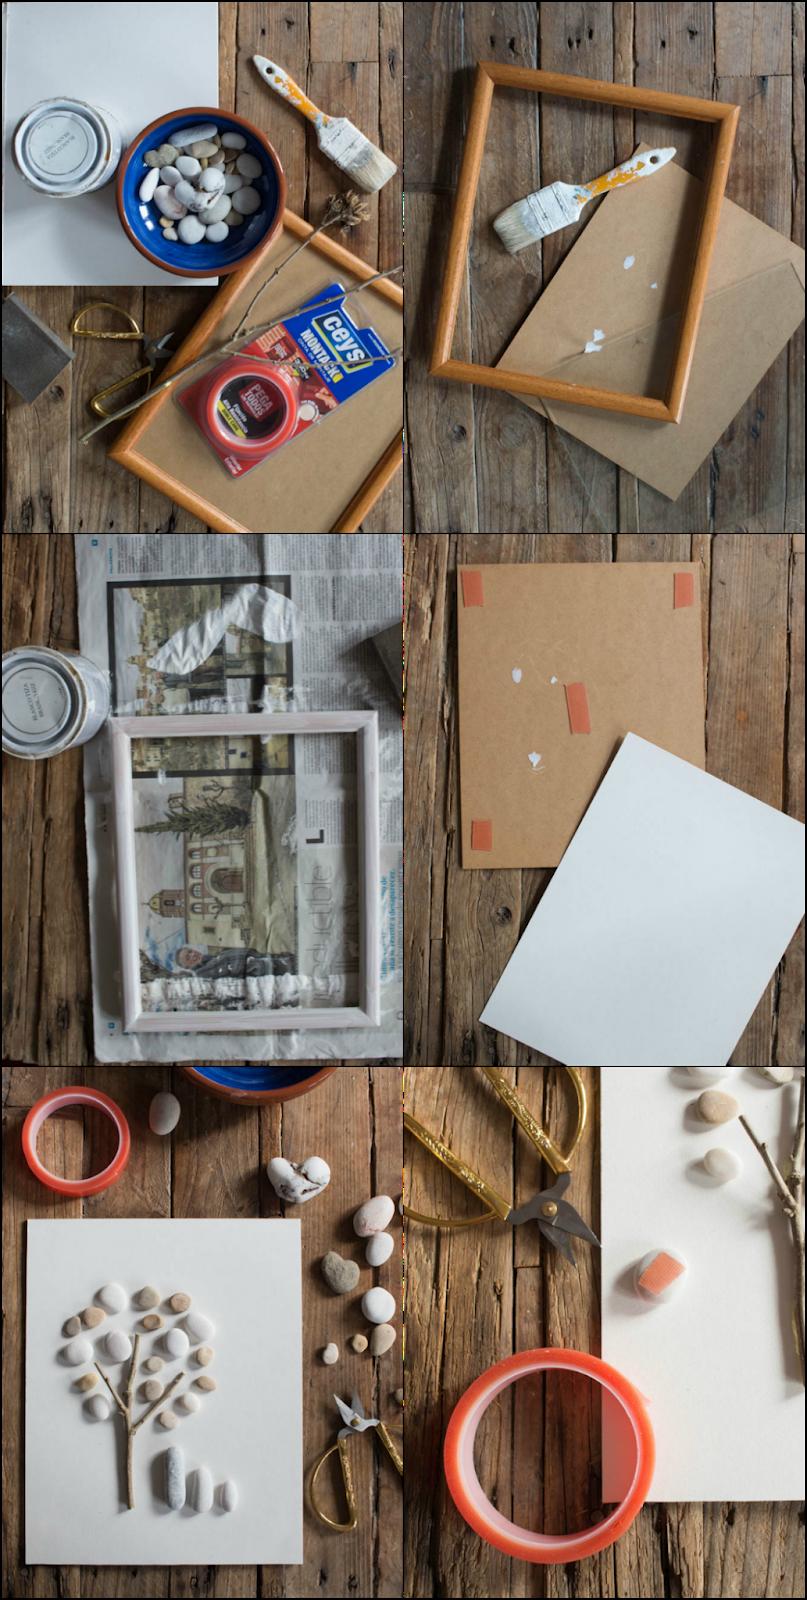 Adhesivo archivos - Handbox Craft Lovers | Comunidad DIY, Tutoriales ...